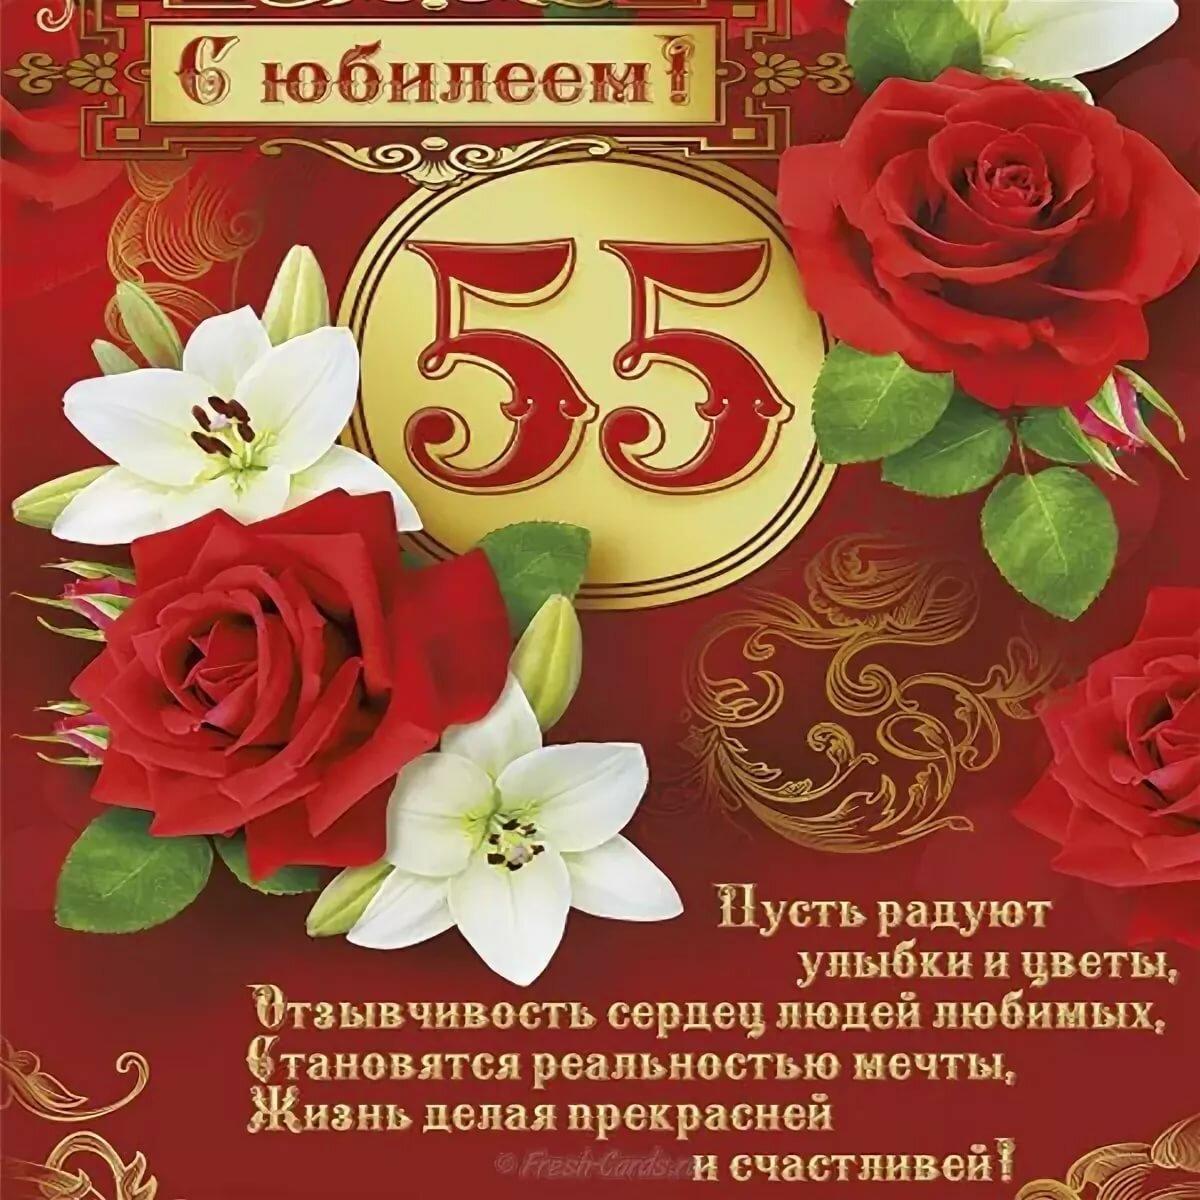 Открытки с 55 юбилеем для женщины